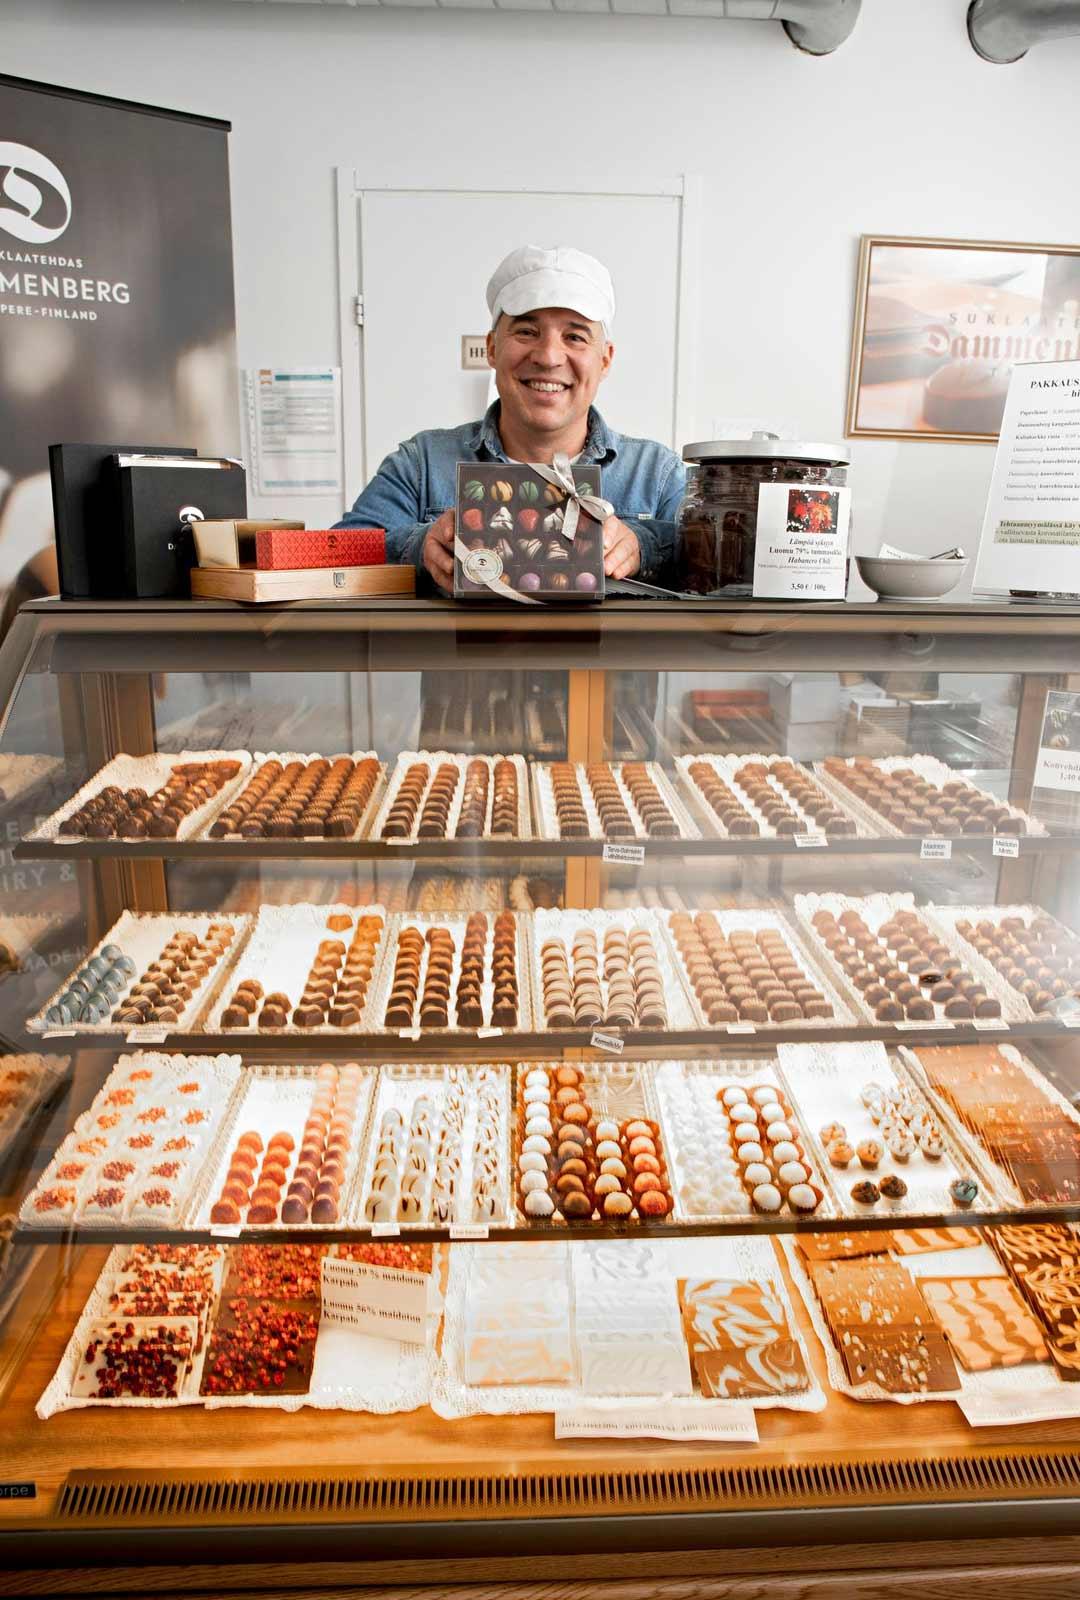 Dammenbergin myymälä on herkkusuun taivas. Erilaisia suklaatuotteita voi ostaa irtotavarana. Vuosien varrella tehtaalla on valmistettu yli 400 erilaista suklaatuotetta.